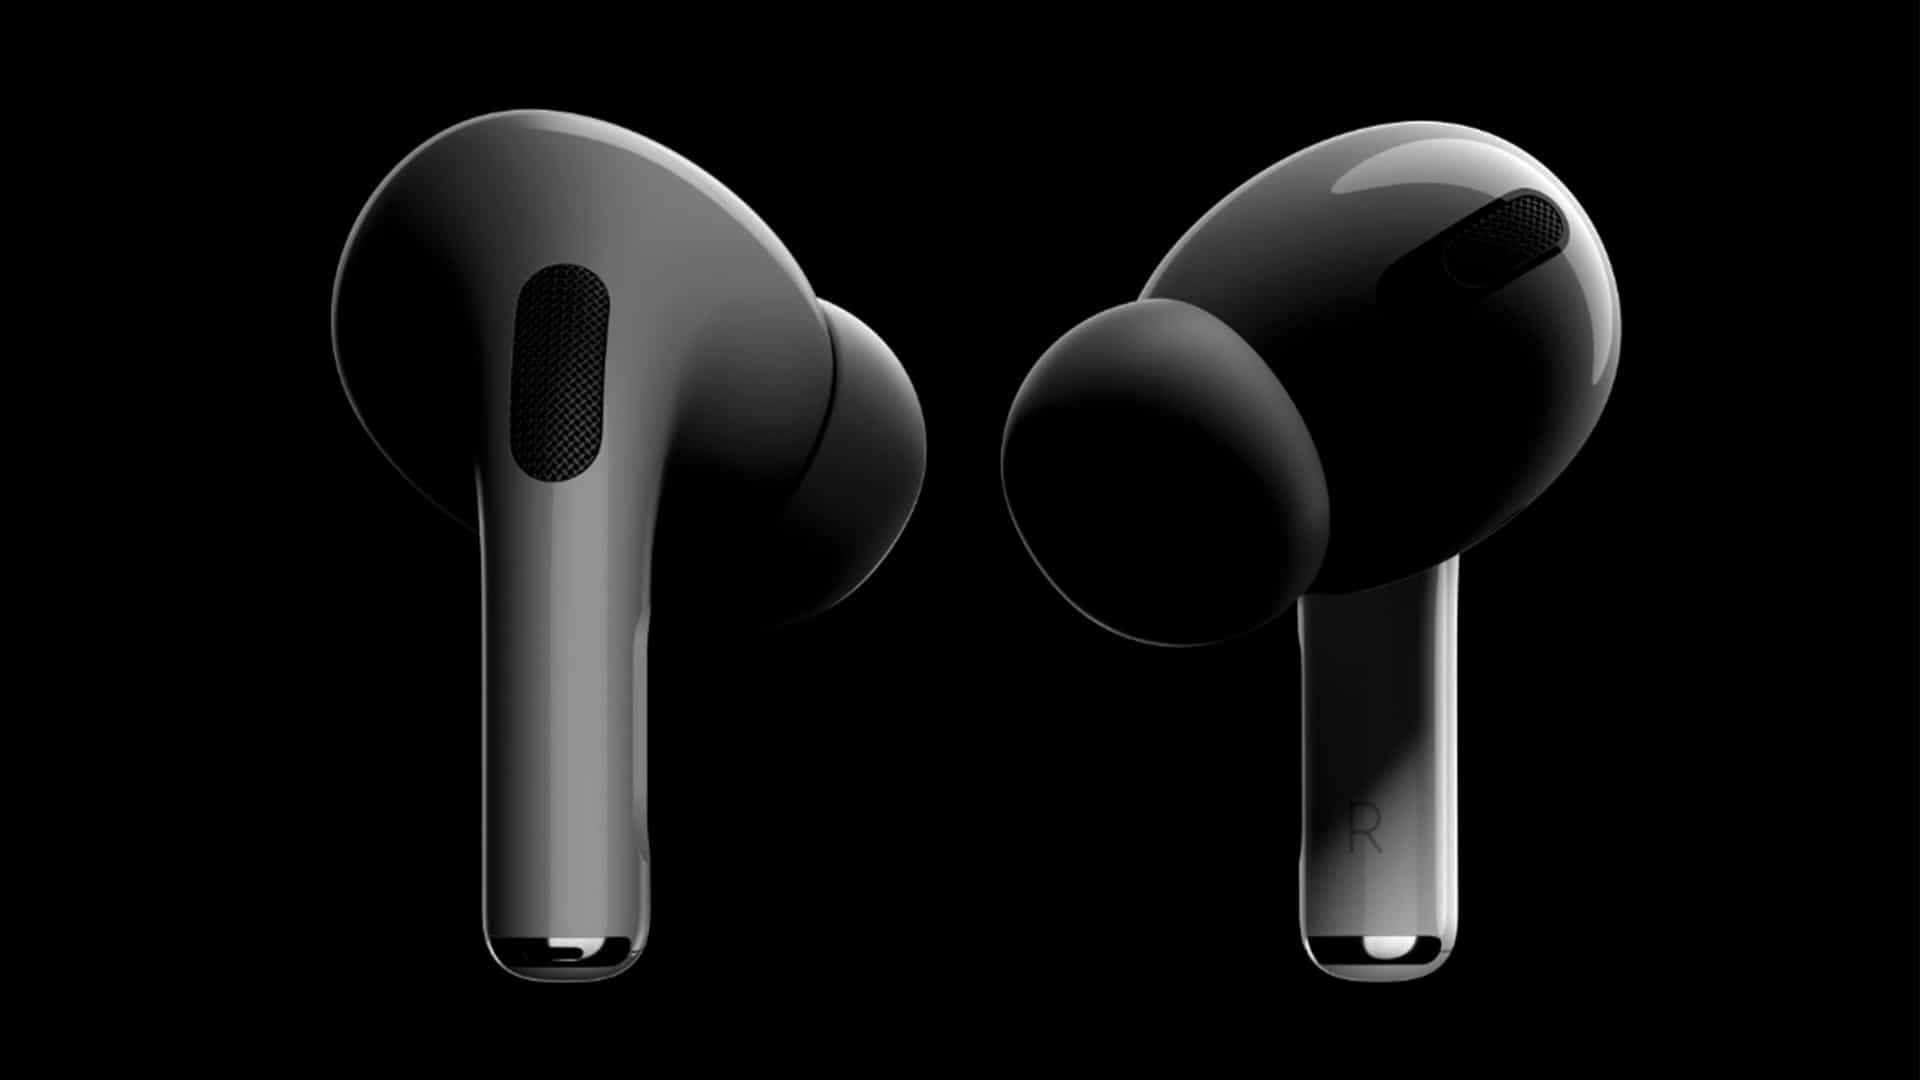 Llegan los AirPods 3 de Apple: así es como podrían verse